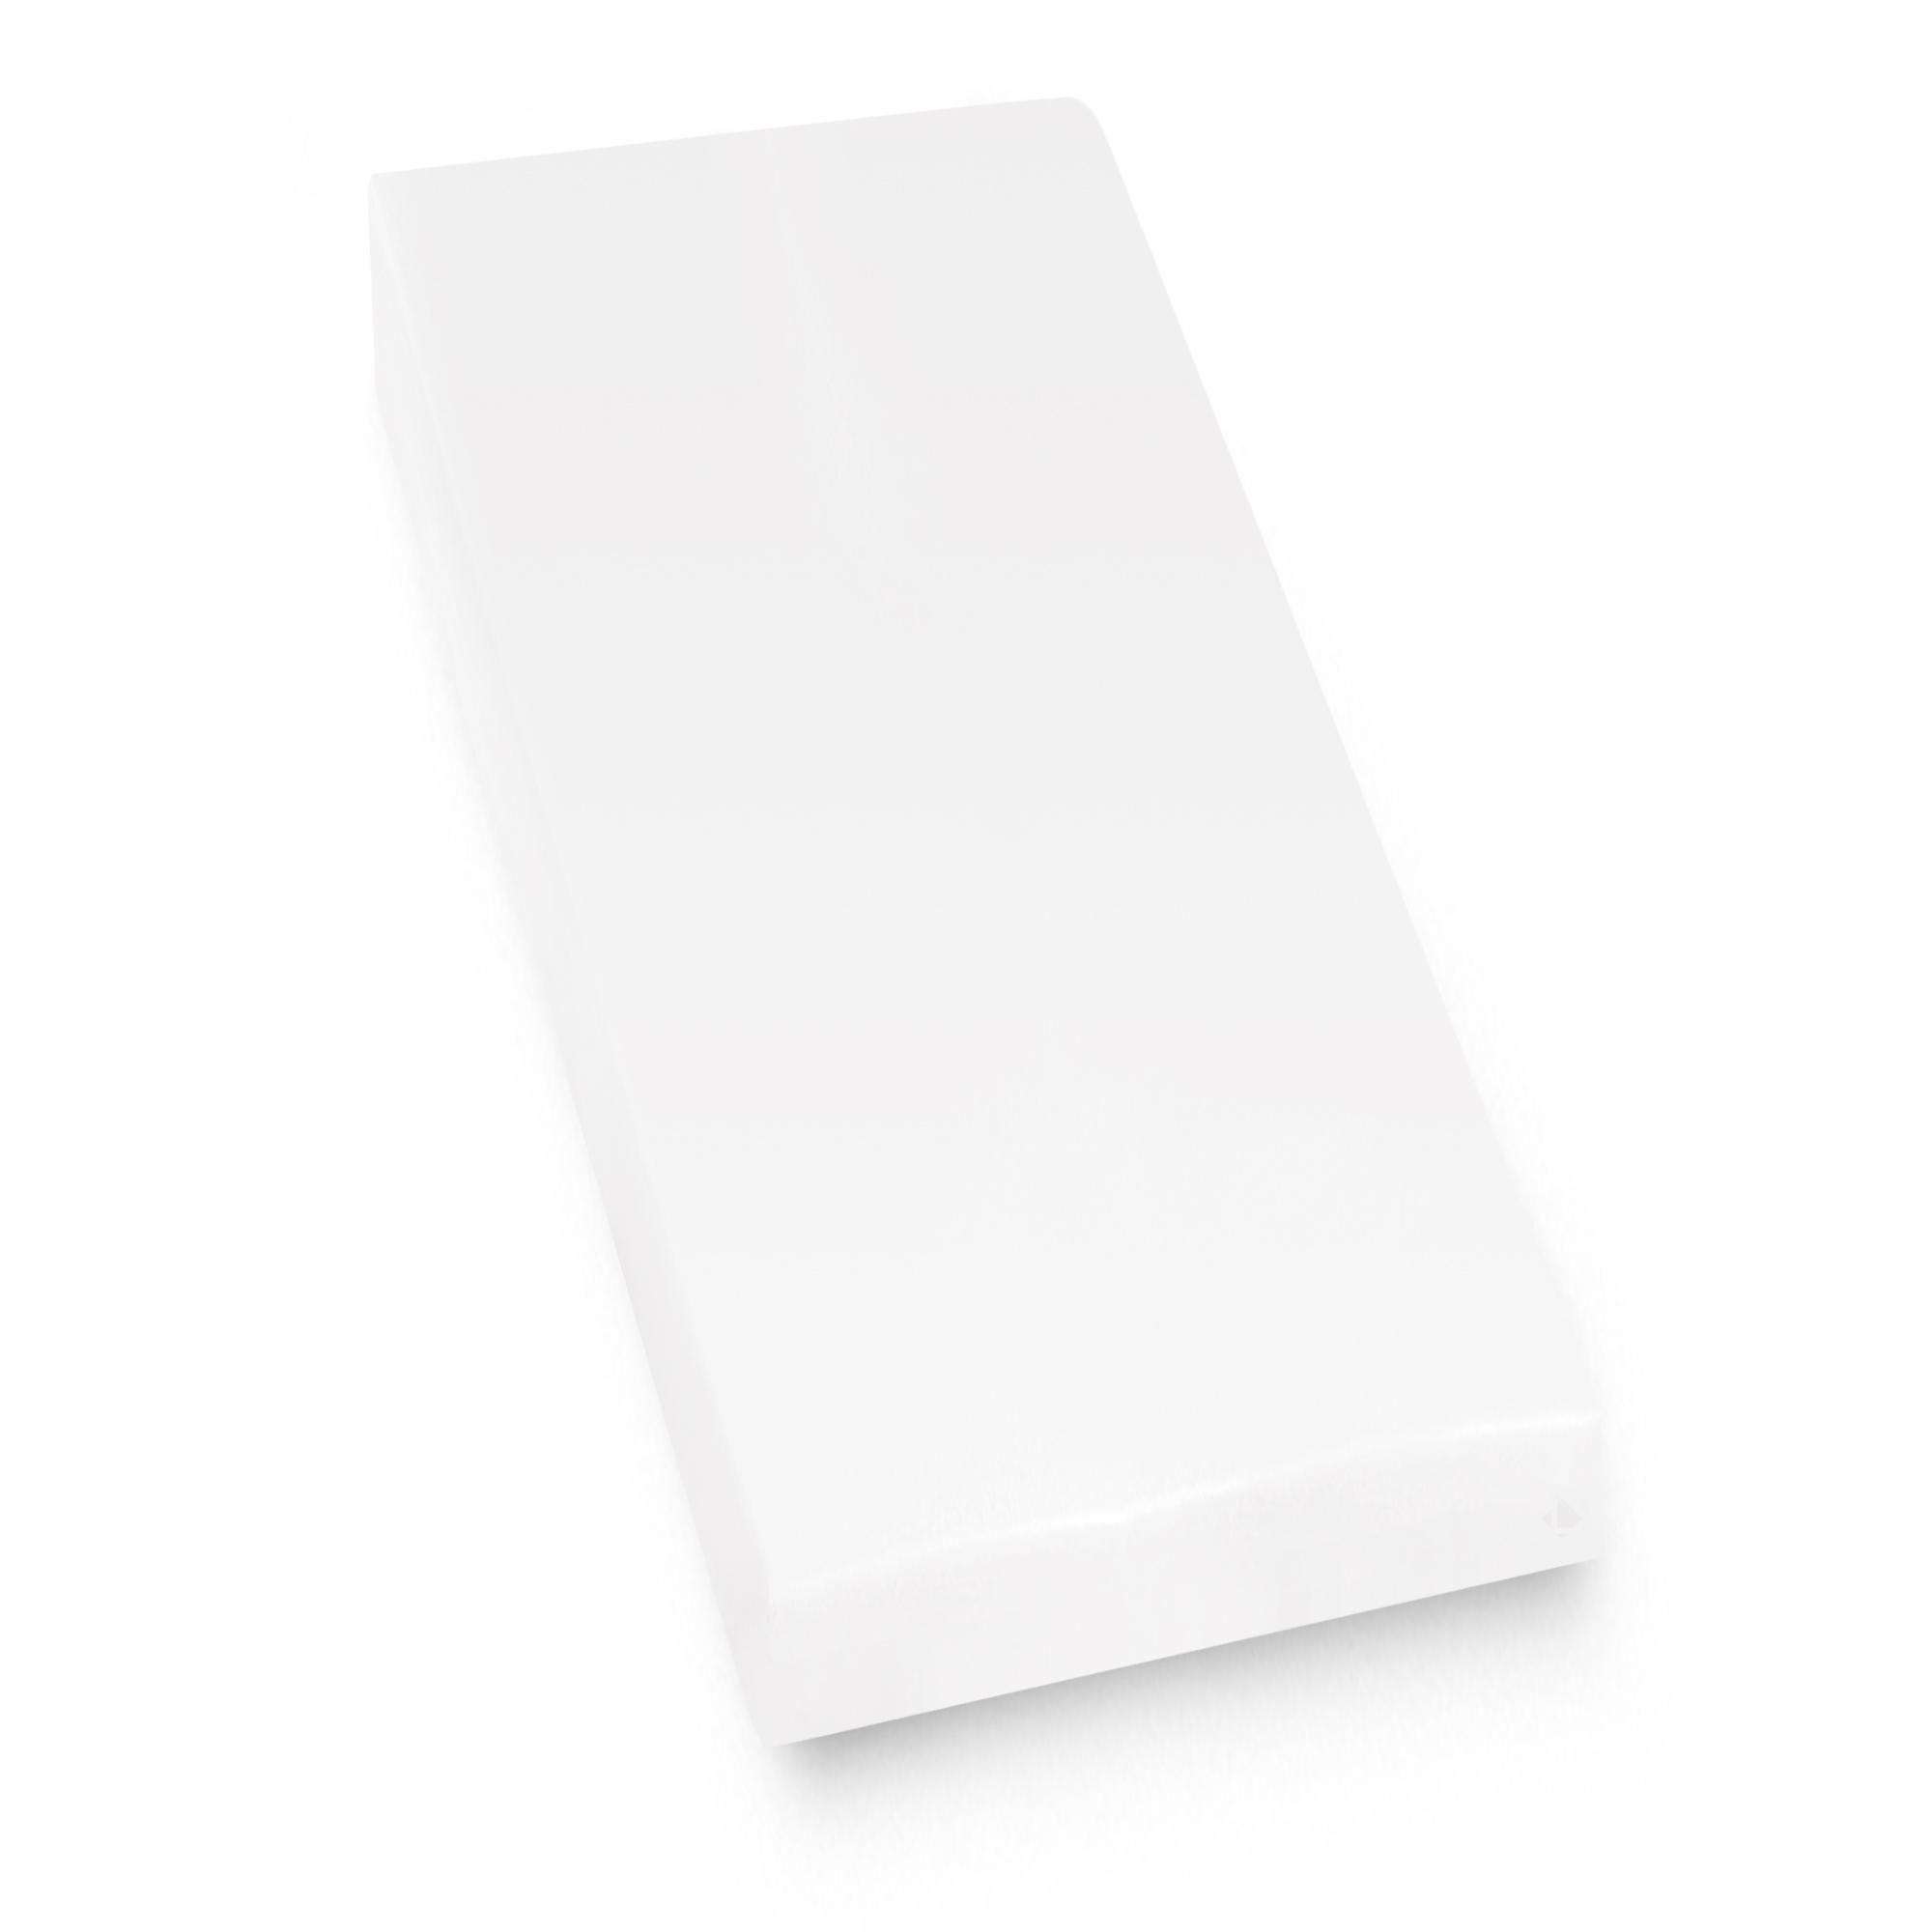 Linnea Protège matelas imperméable 80x190 cm bonnet 23cm ARNON molleton 100% coton contrecollé polyuréthane